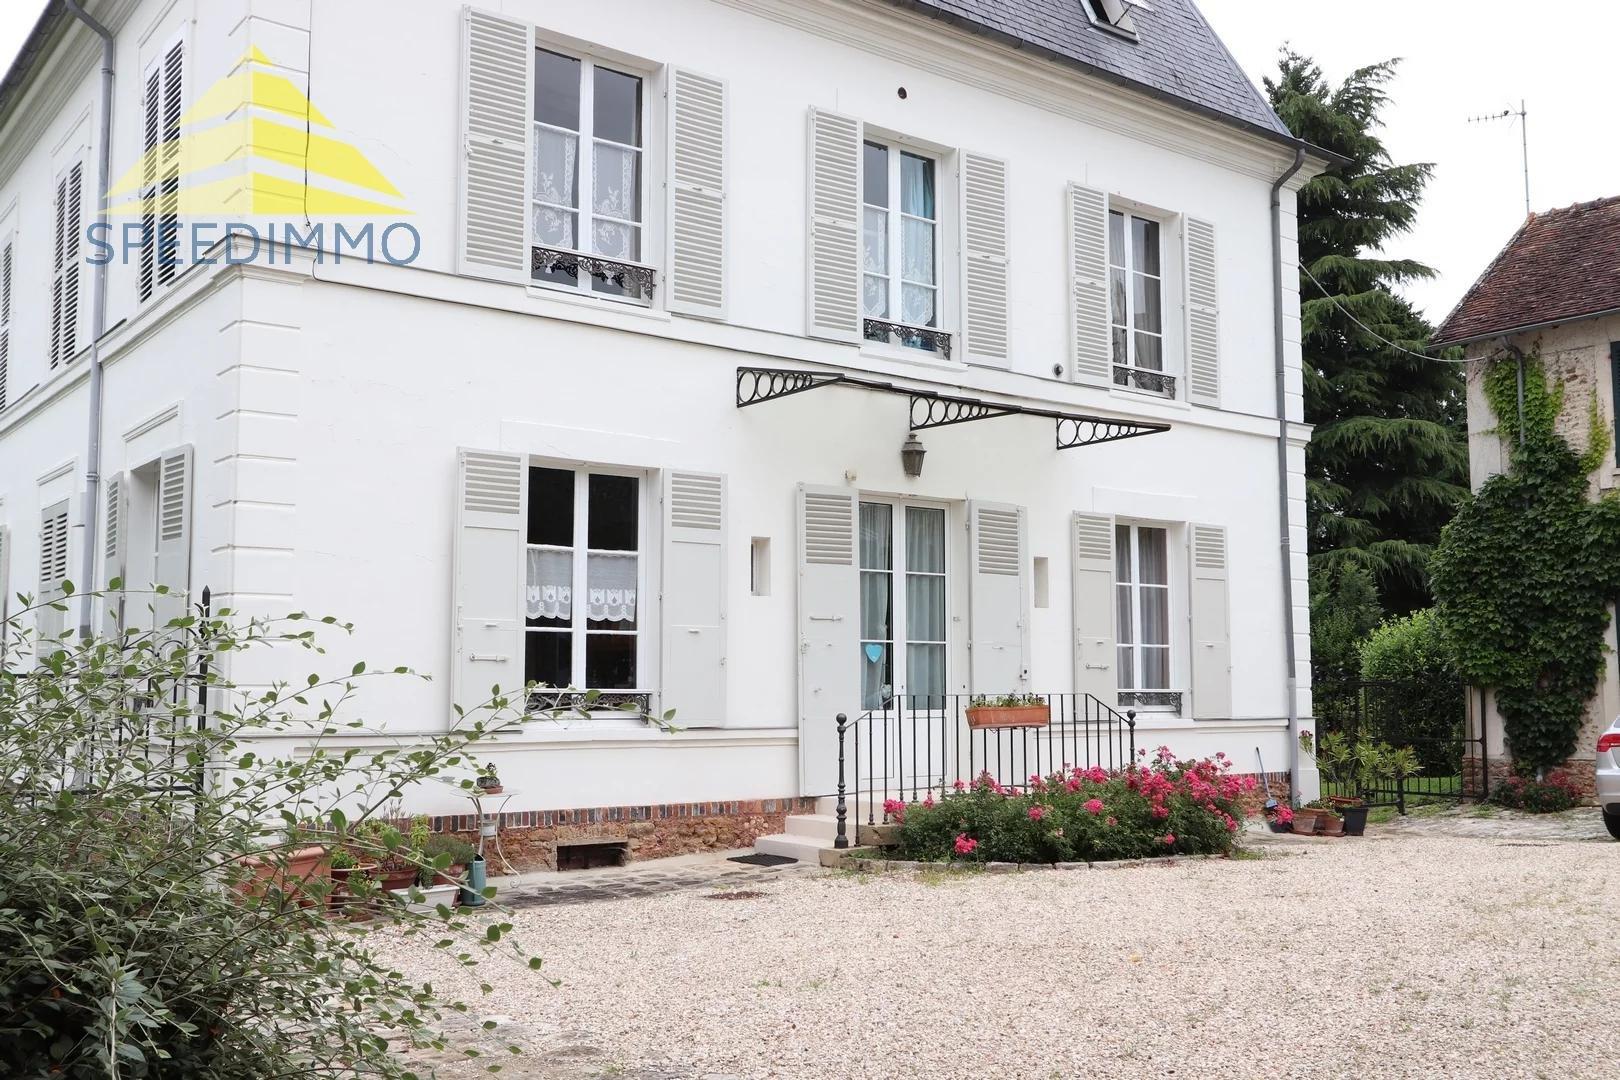 Vente Maison - Boussy-Saint-Antoine